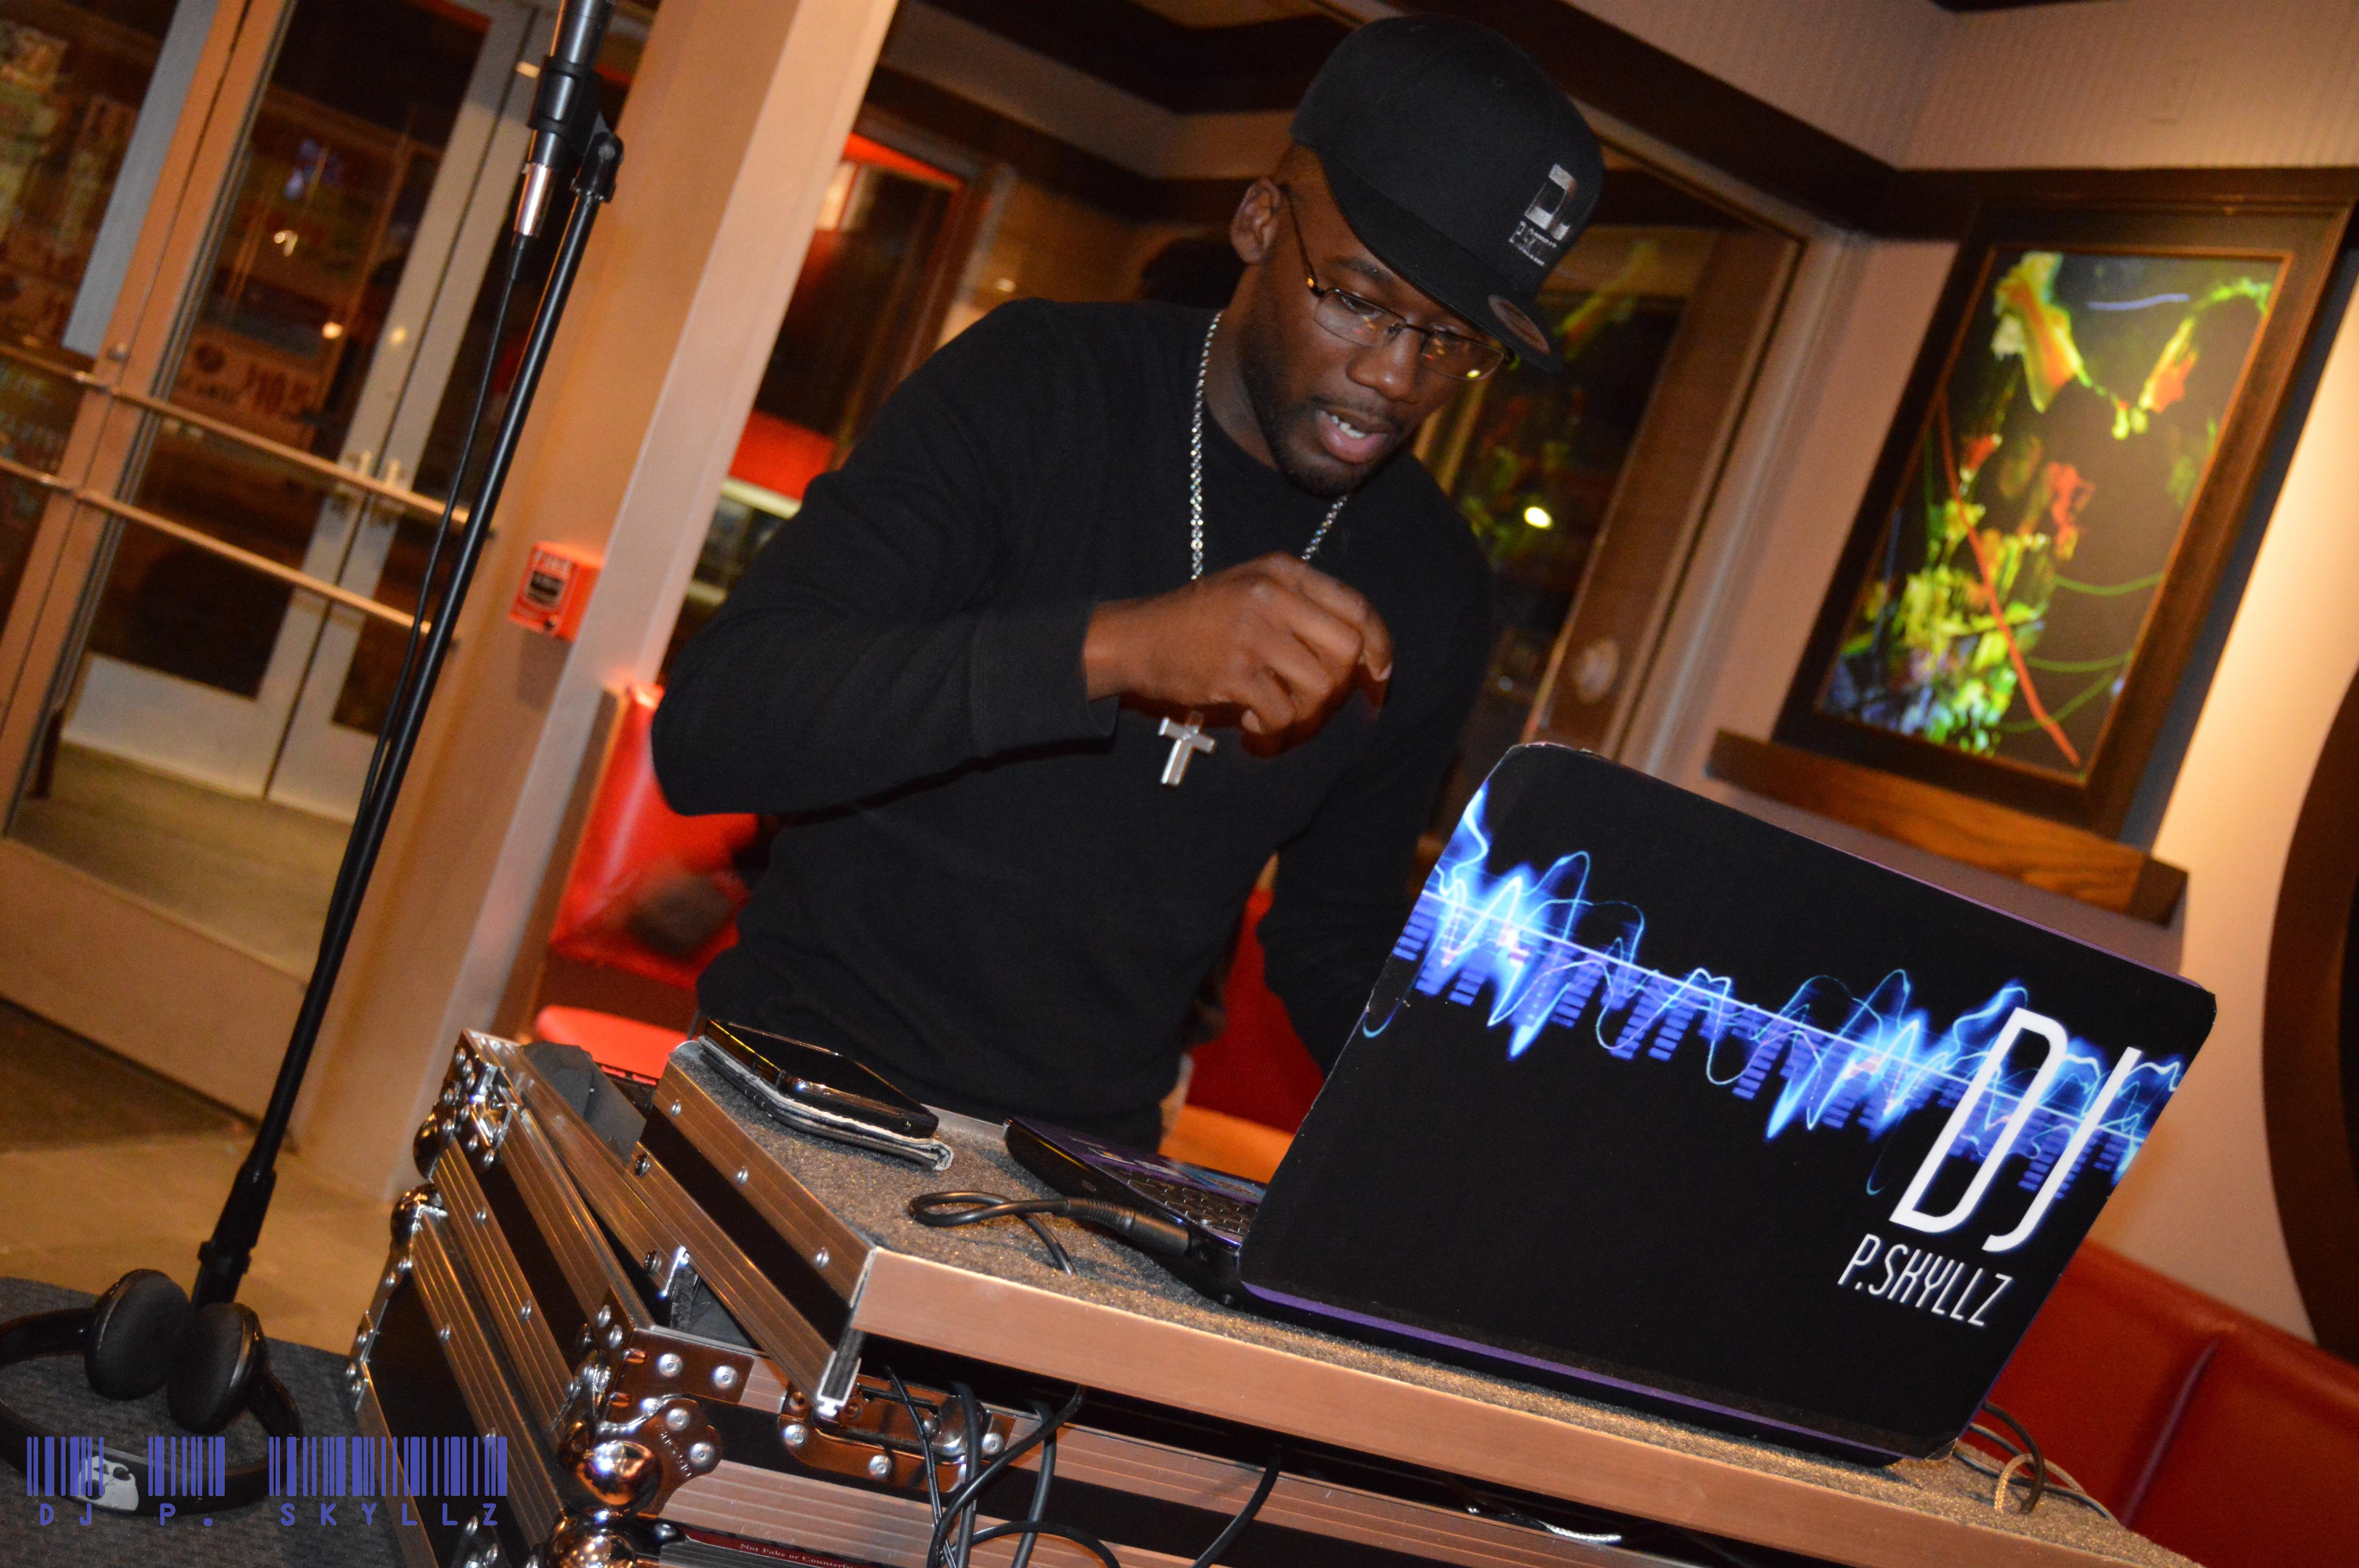 DJ P. Skyllz 36